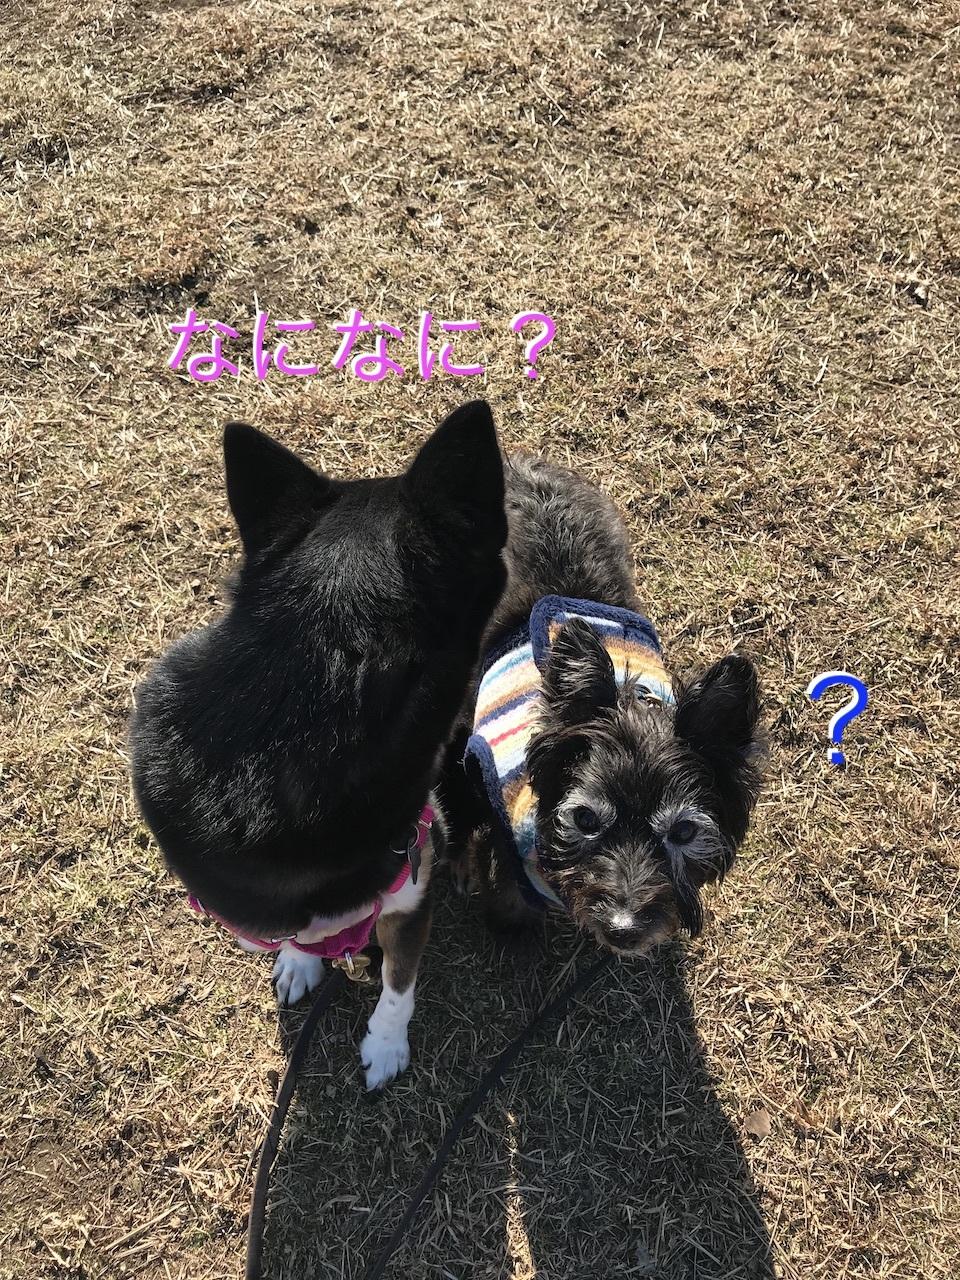 2019-01-19_13-33-26_172.jpg